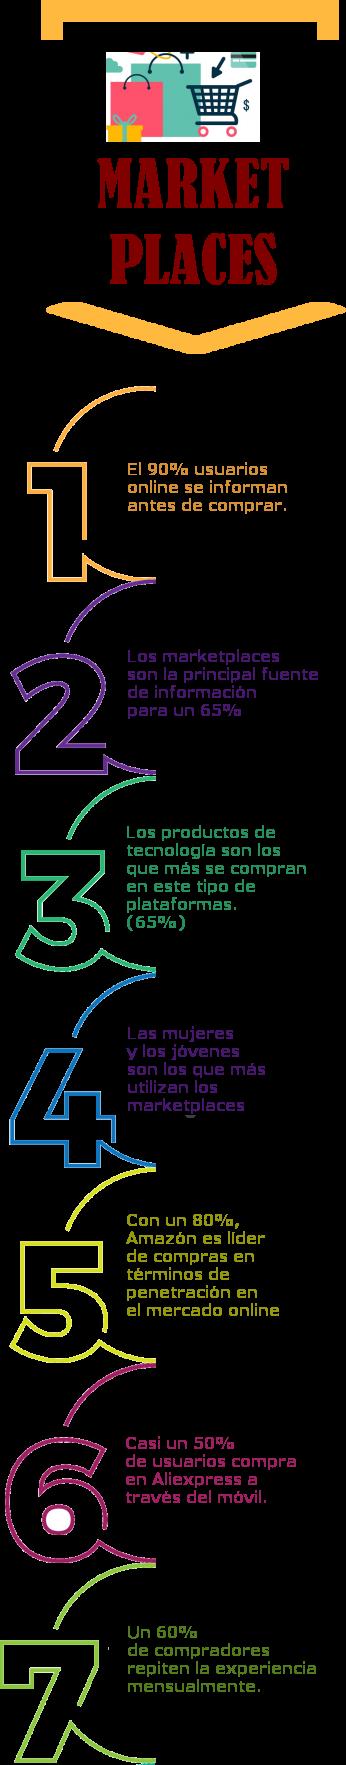 VENTAJAS Y DESVENTAJAS DE LOS MARKETPLACES 1